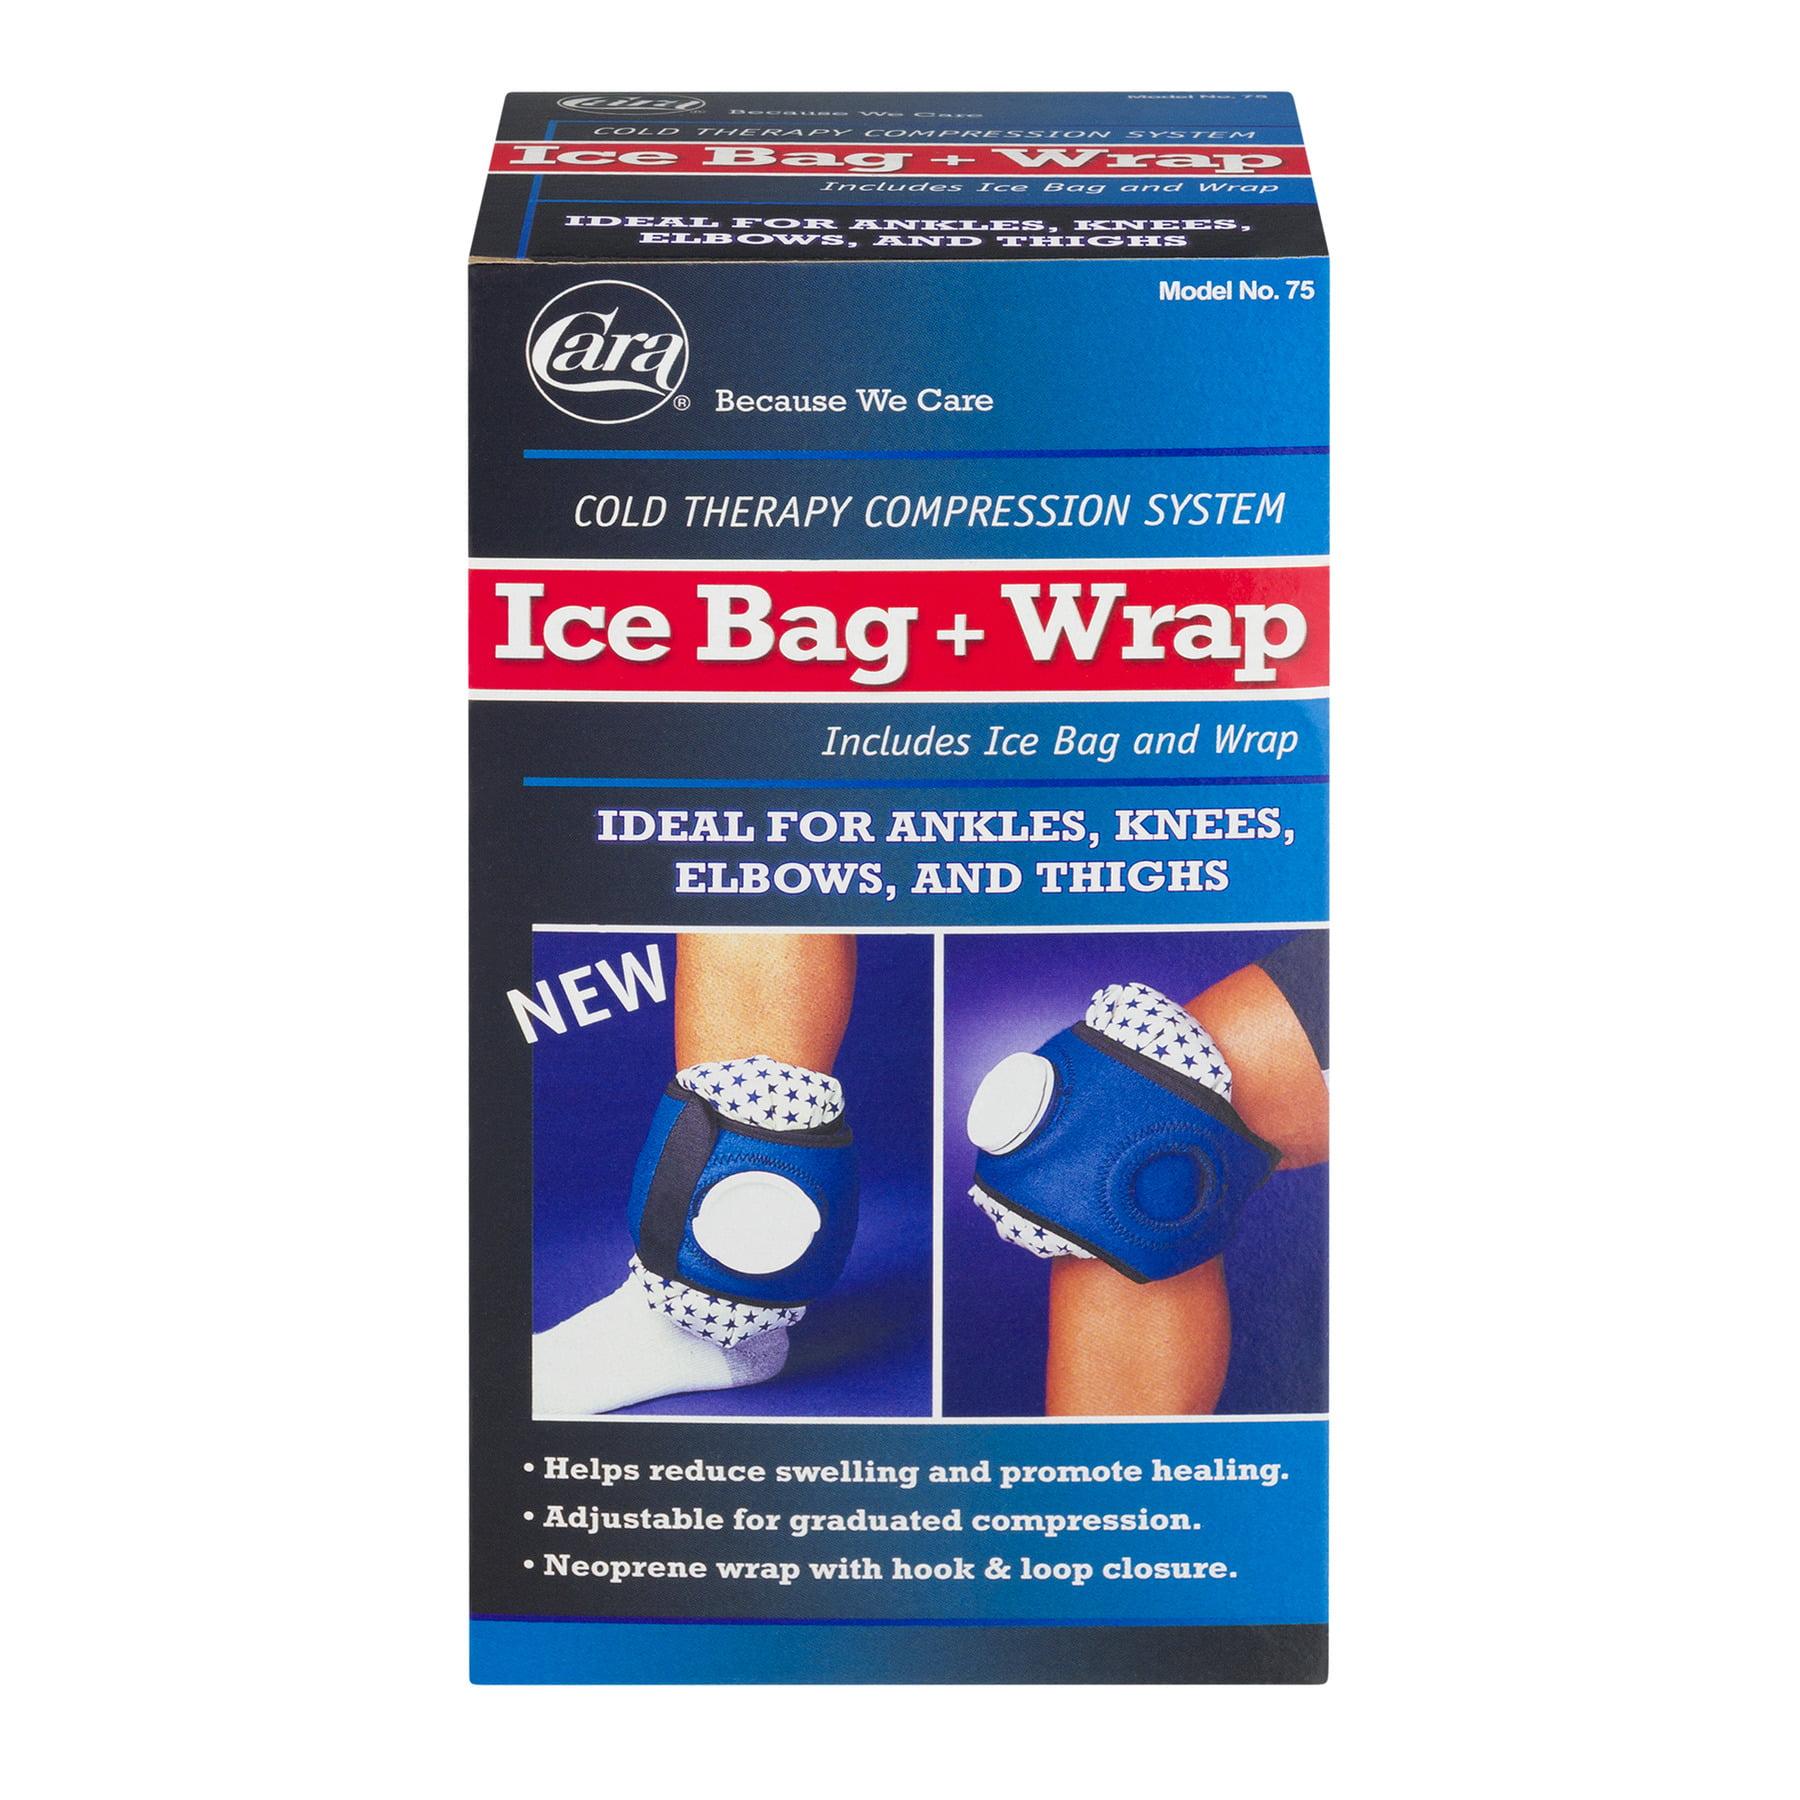 Cara Ice Bag + Wrap, 1.0 CT